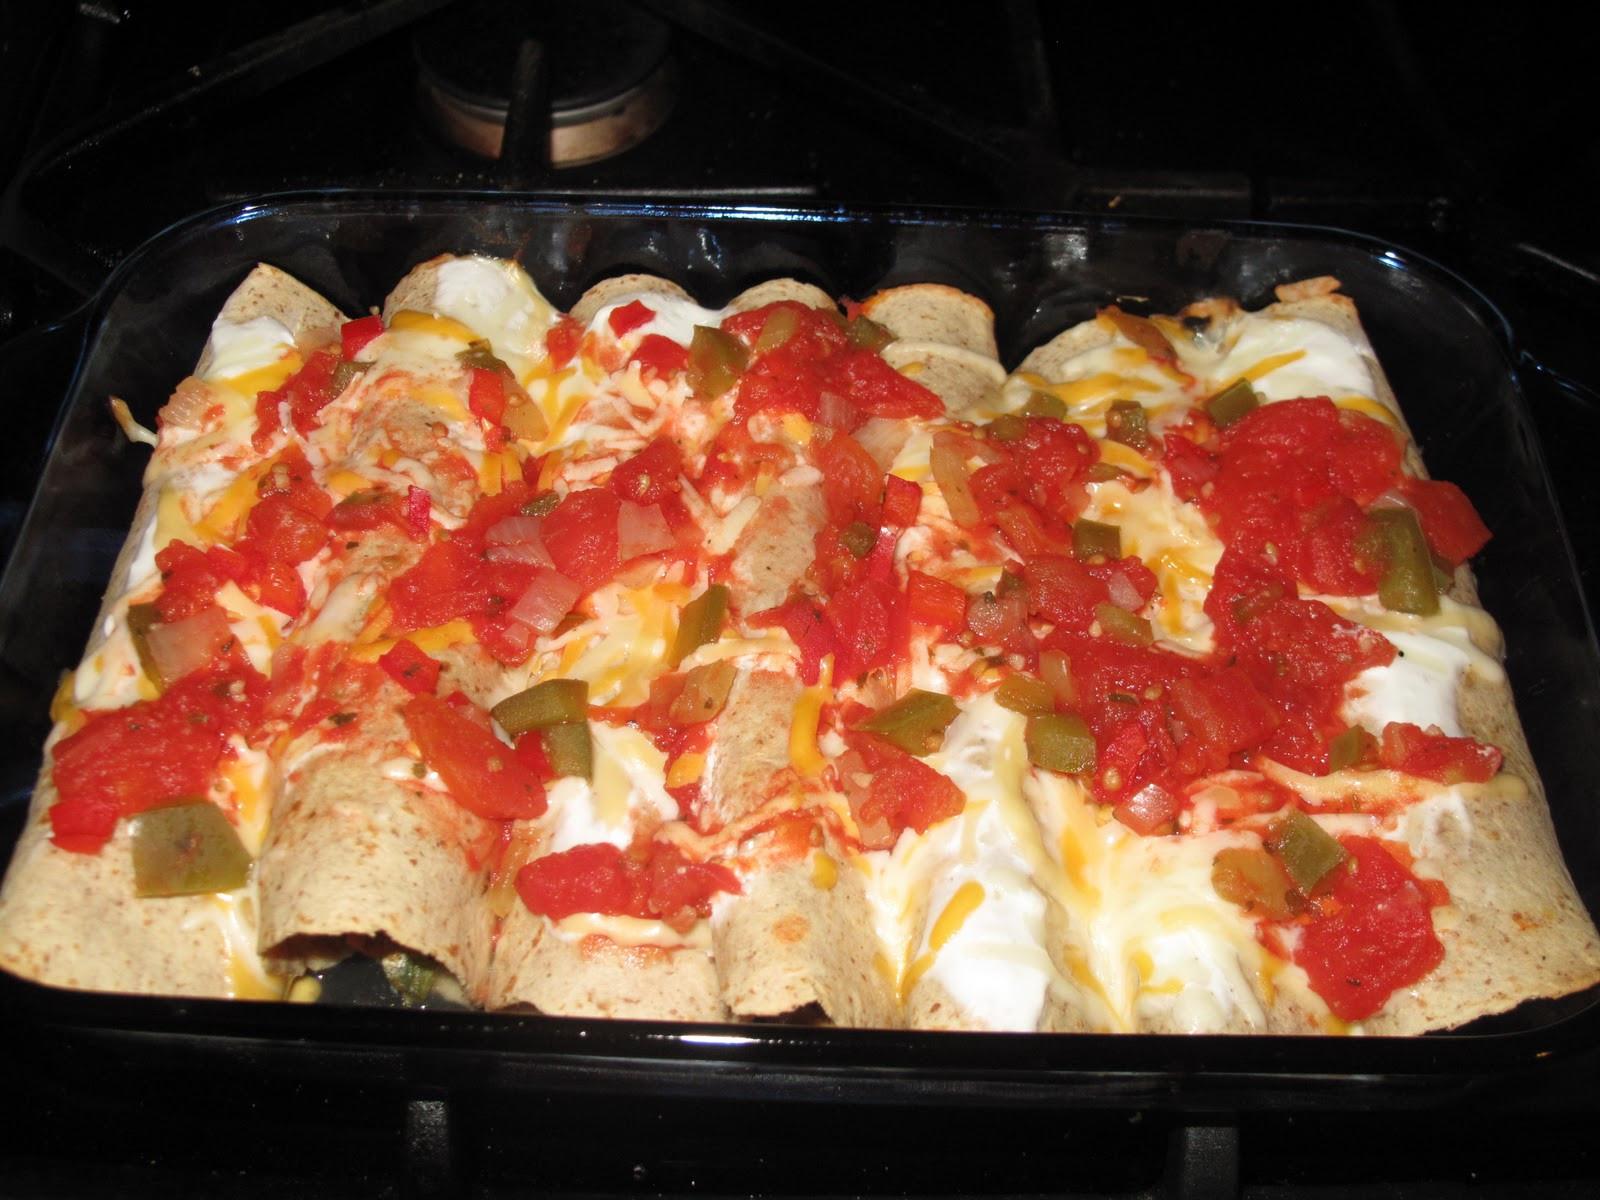 Chicken Enchiladas Healthy  BJ Brinker s Home Cooking Healthy Chicken Enchiladas